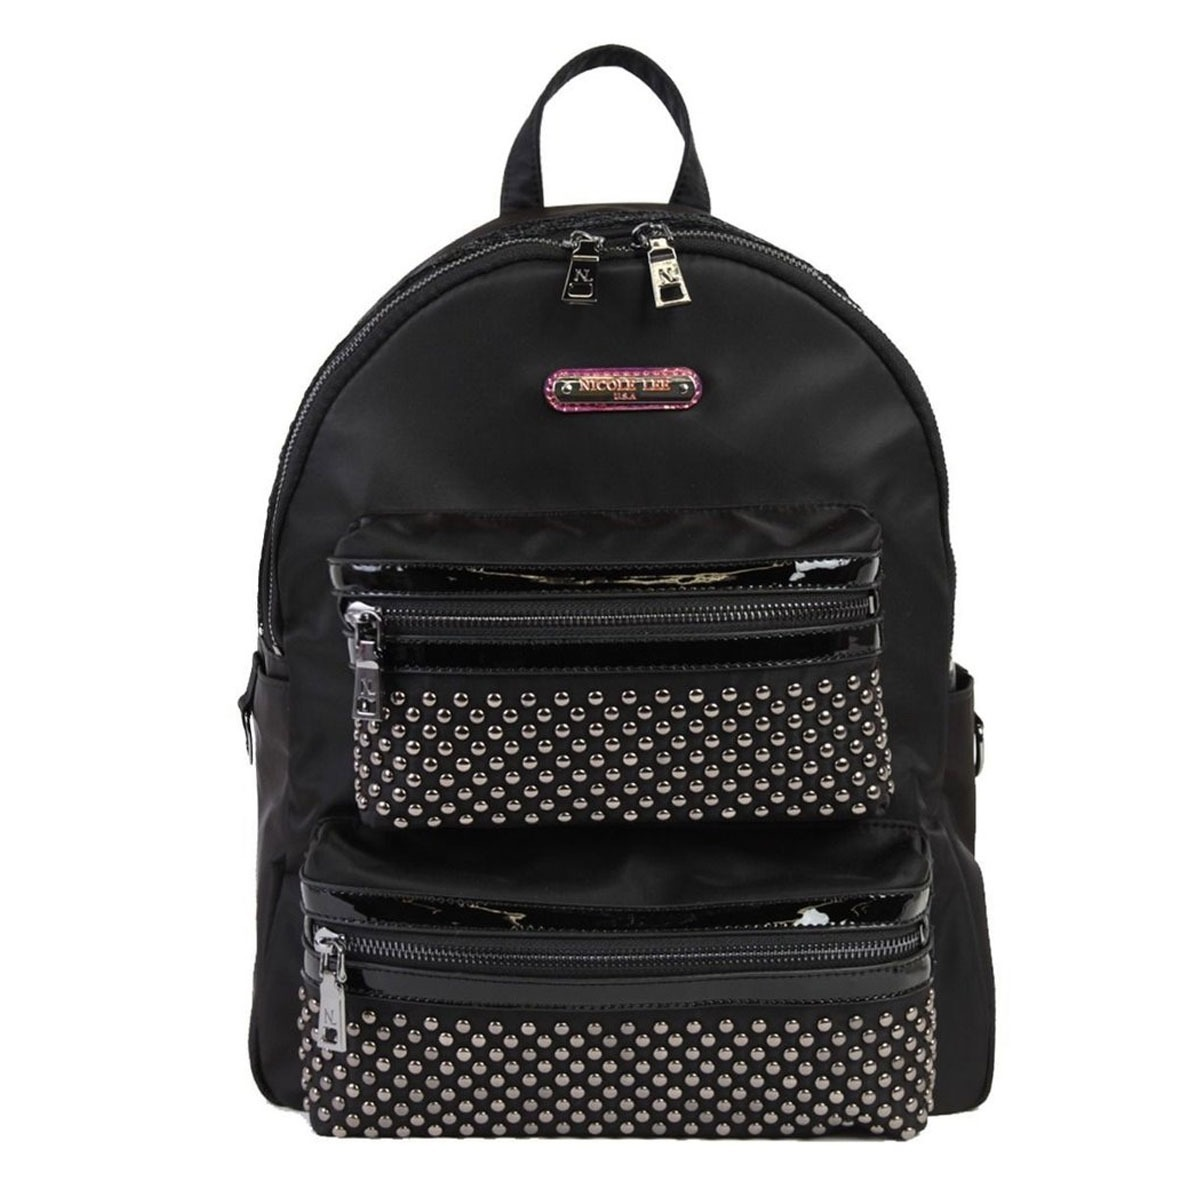 84916f335 Nicole Lee Cartera / Mochila Solid Studded Backpack - $ 5.690,00 en ...